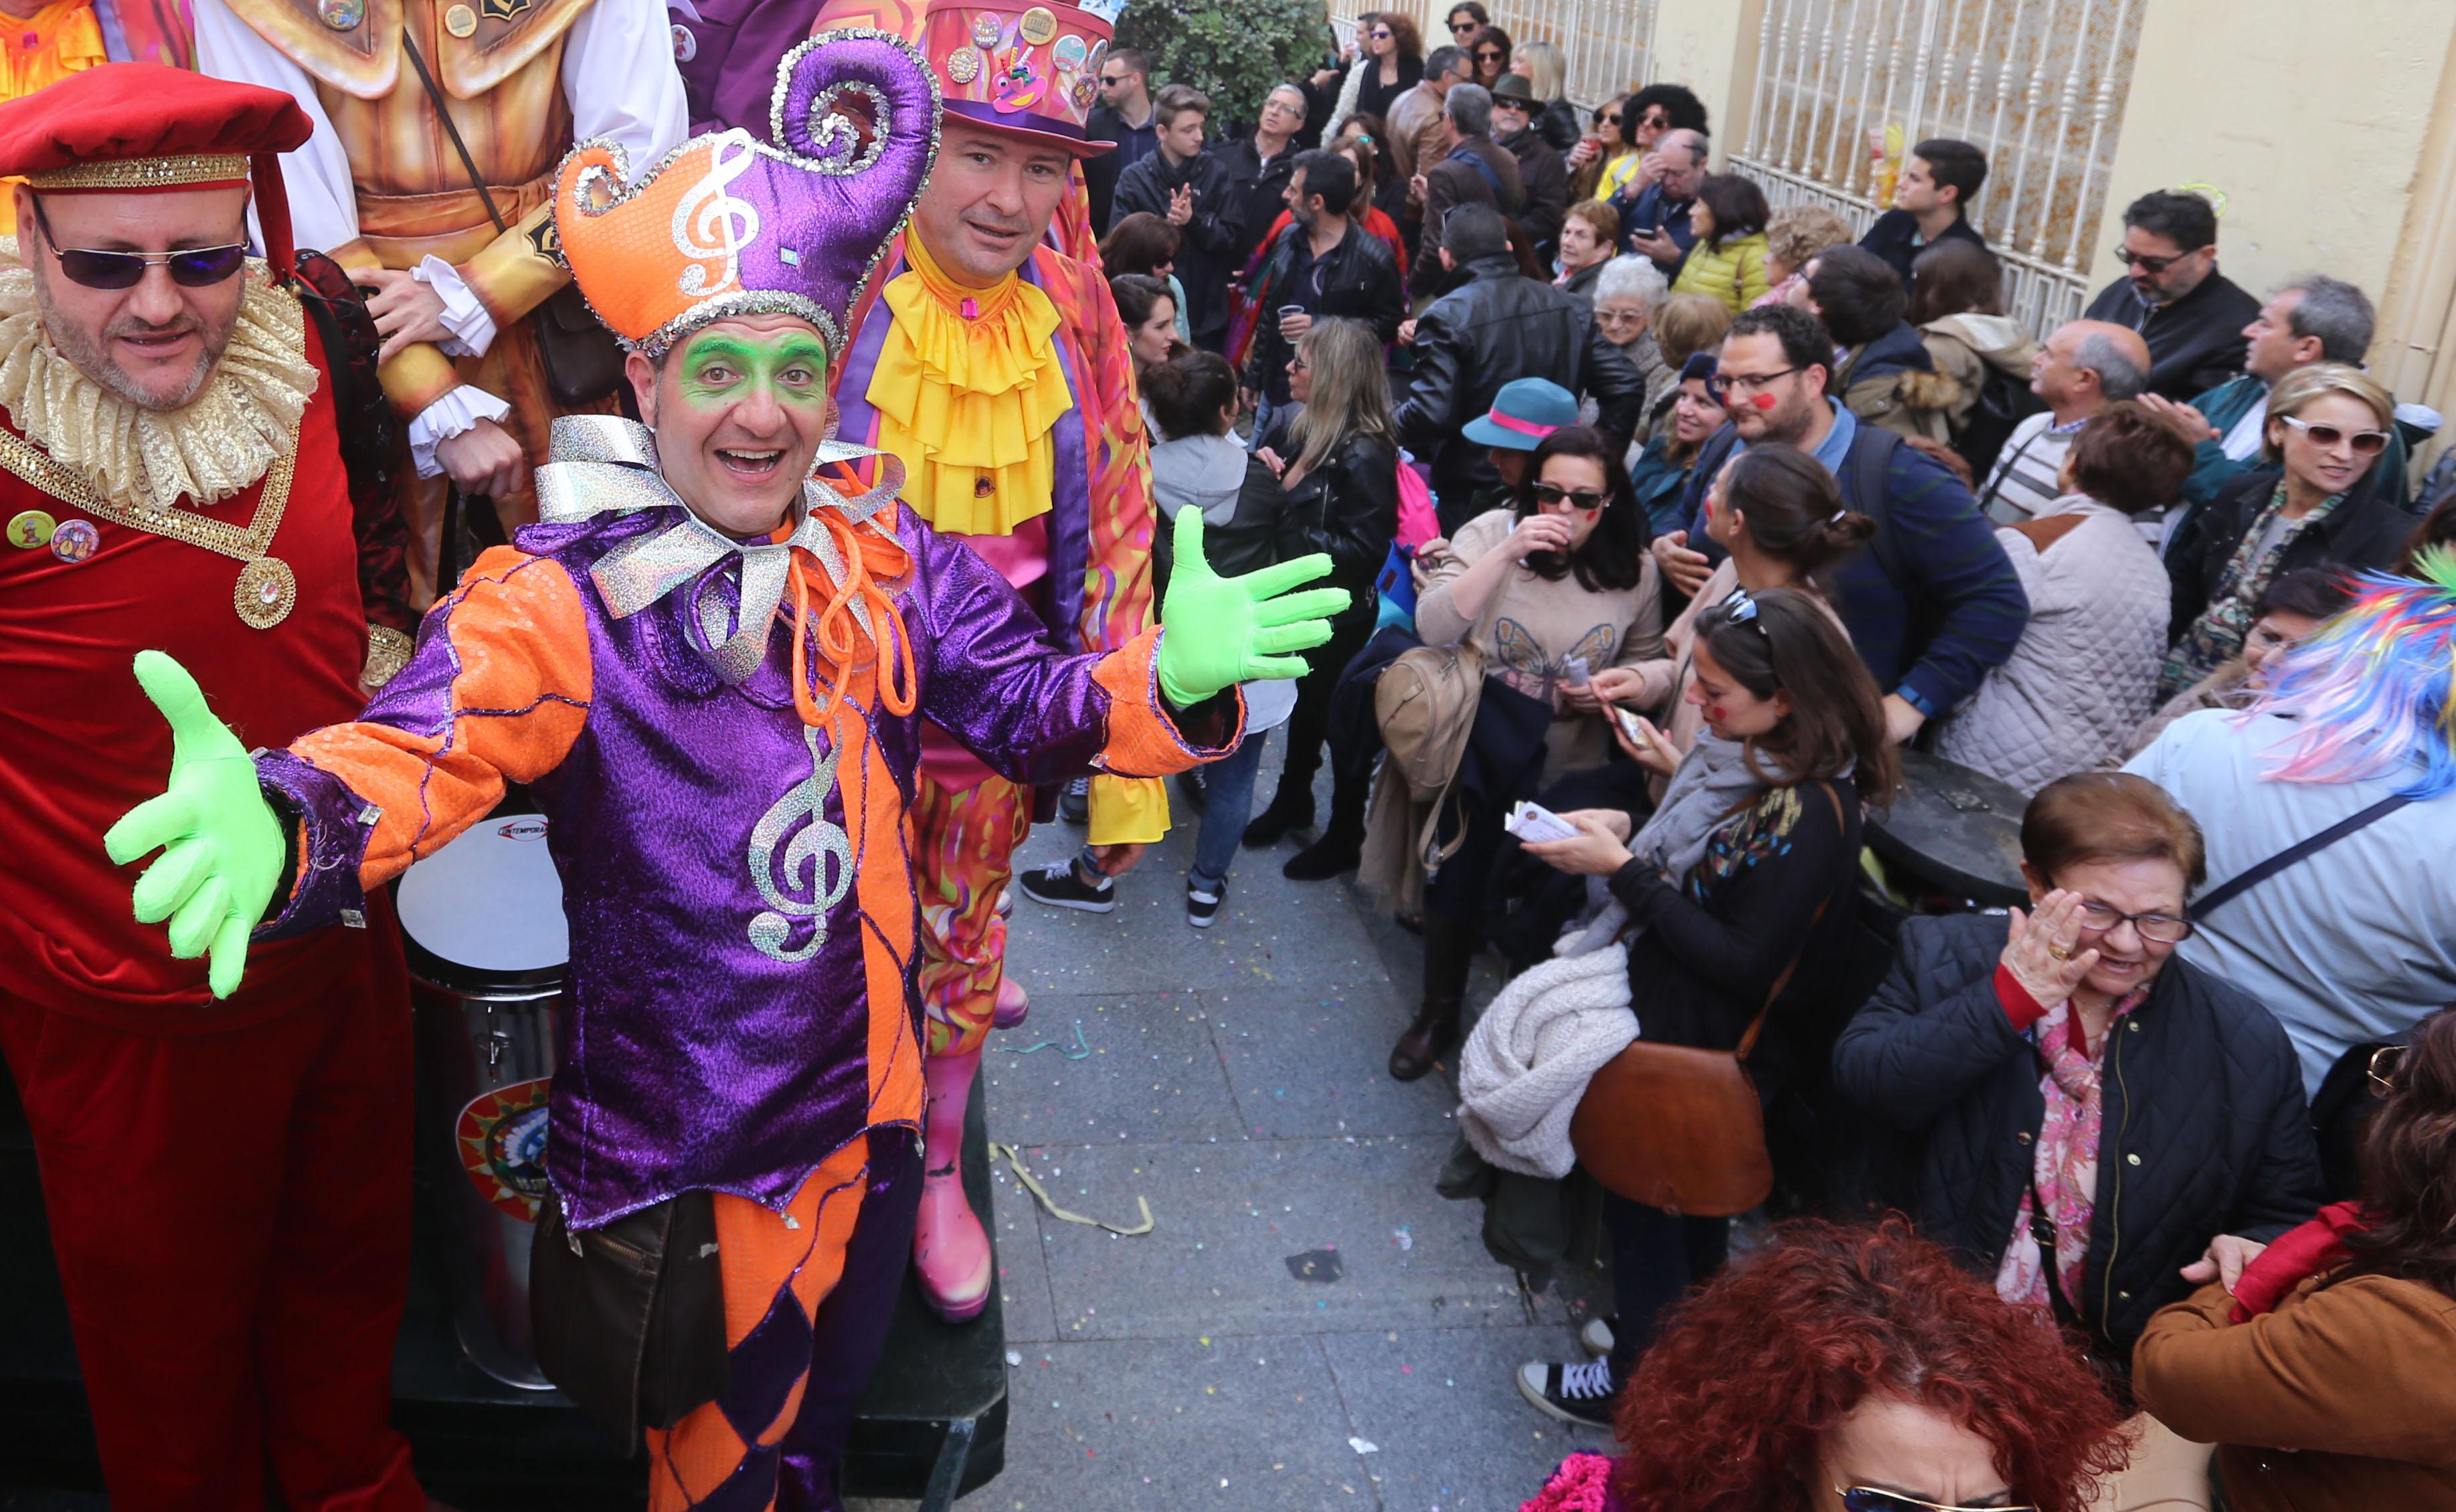 La fecha fija, el gran reto del Carnaval de Cádiz 2018